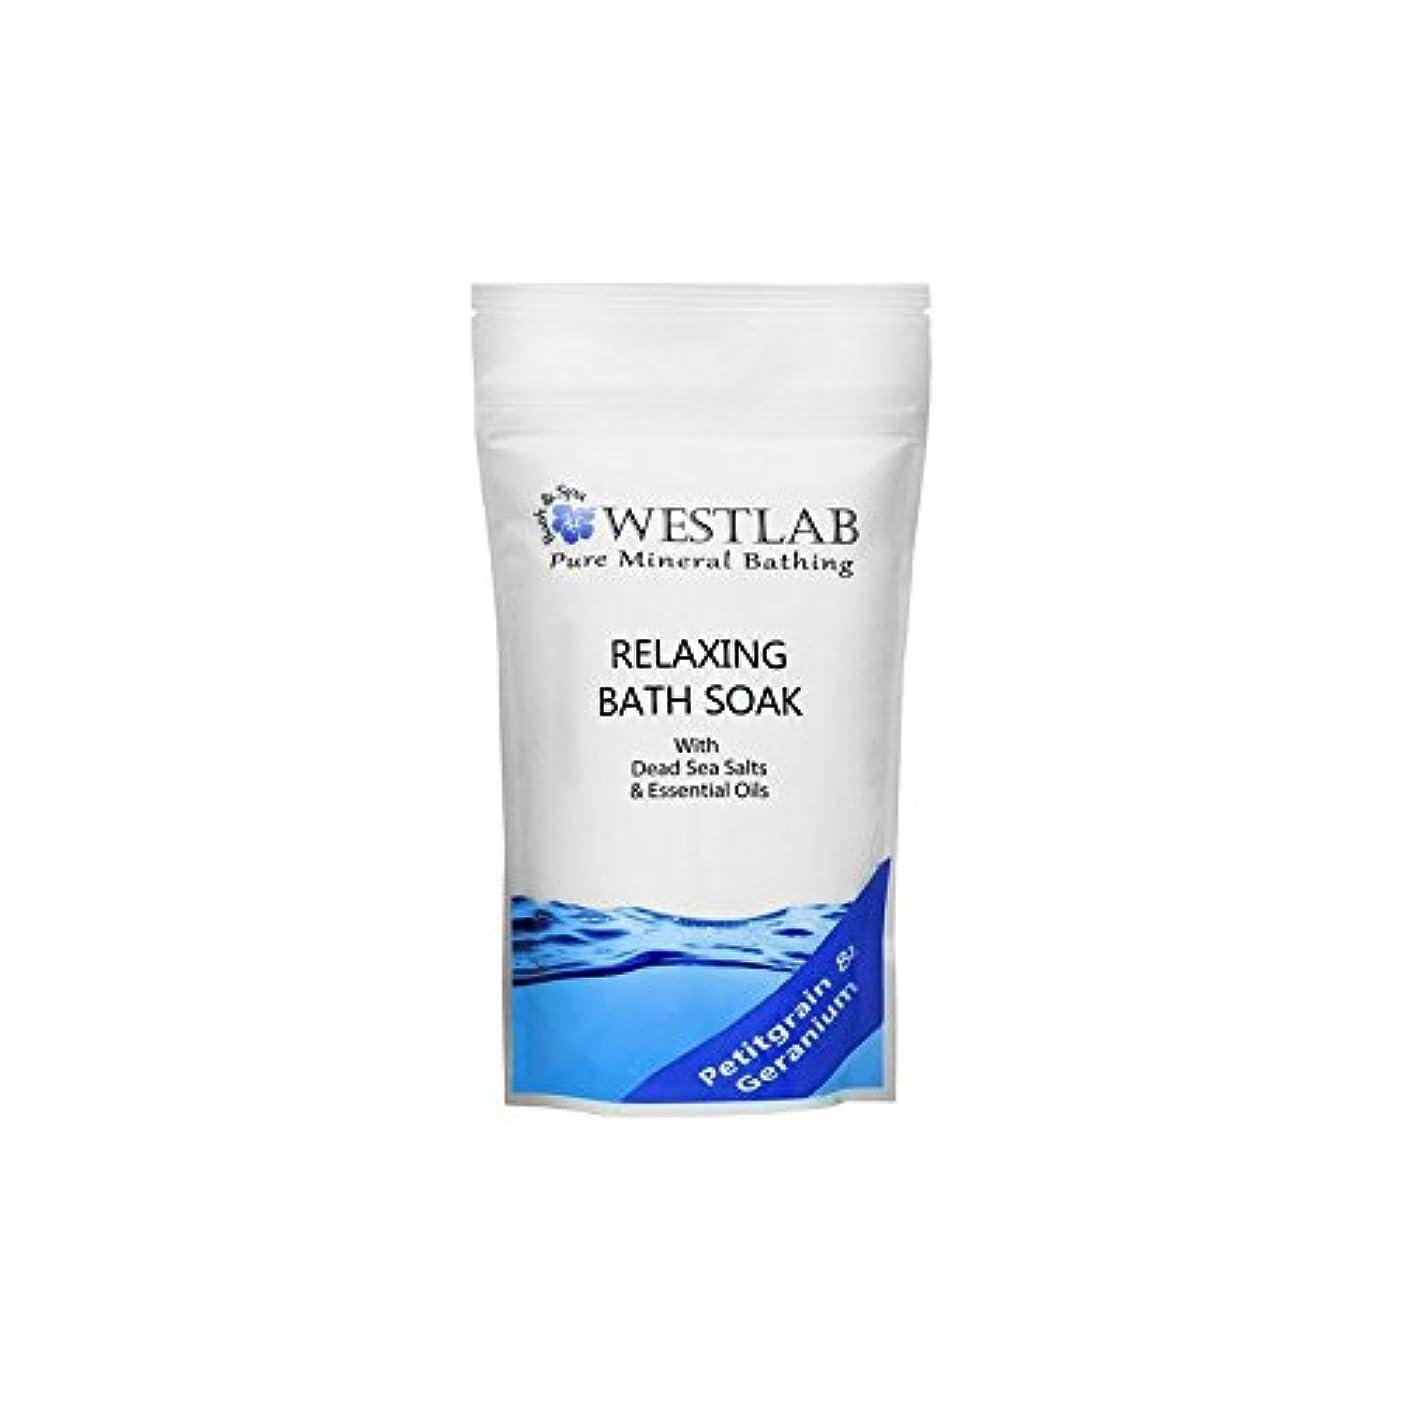 虫を数えるとんでもない行く死海の塩浴浸漬(500グラム)をリラックス x4 - Westlab Relax Dead Sea Salt Bath Soak (500g) (Pack of 4) [並行輸入品]